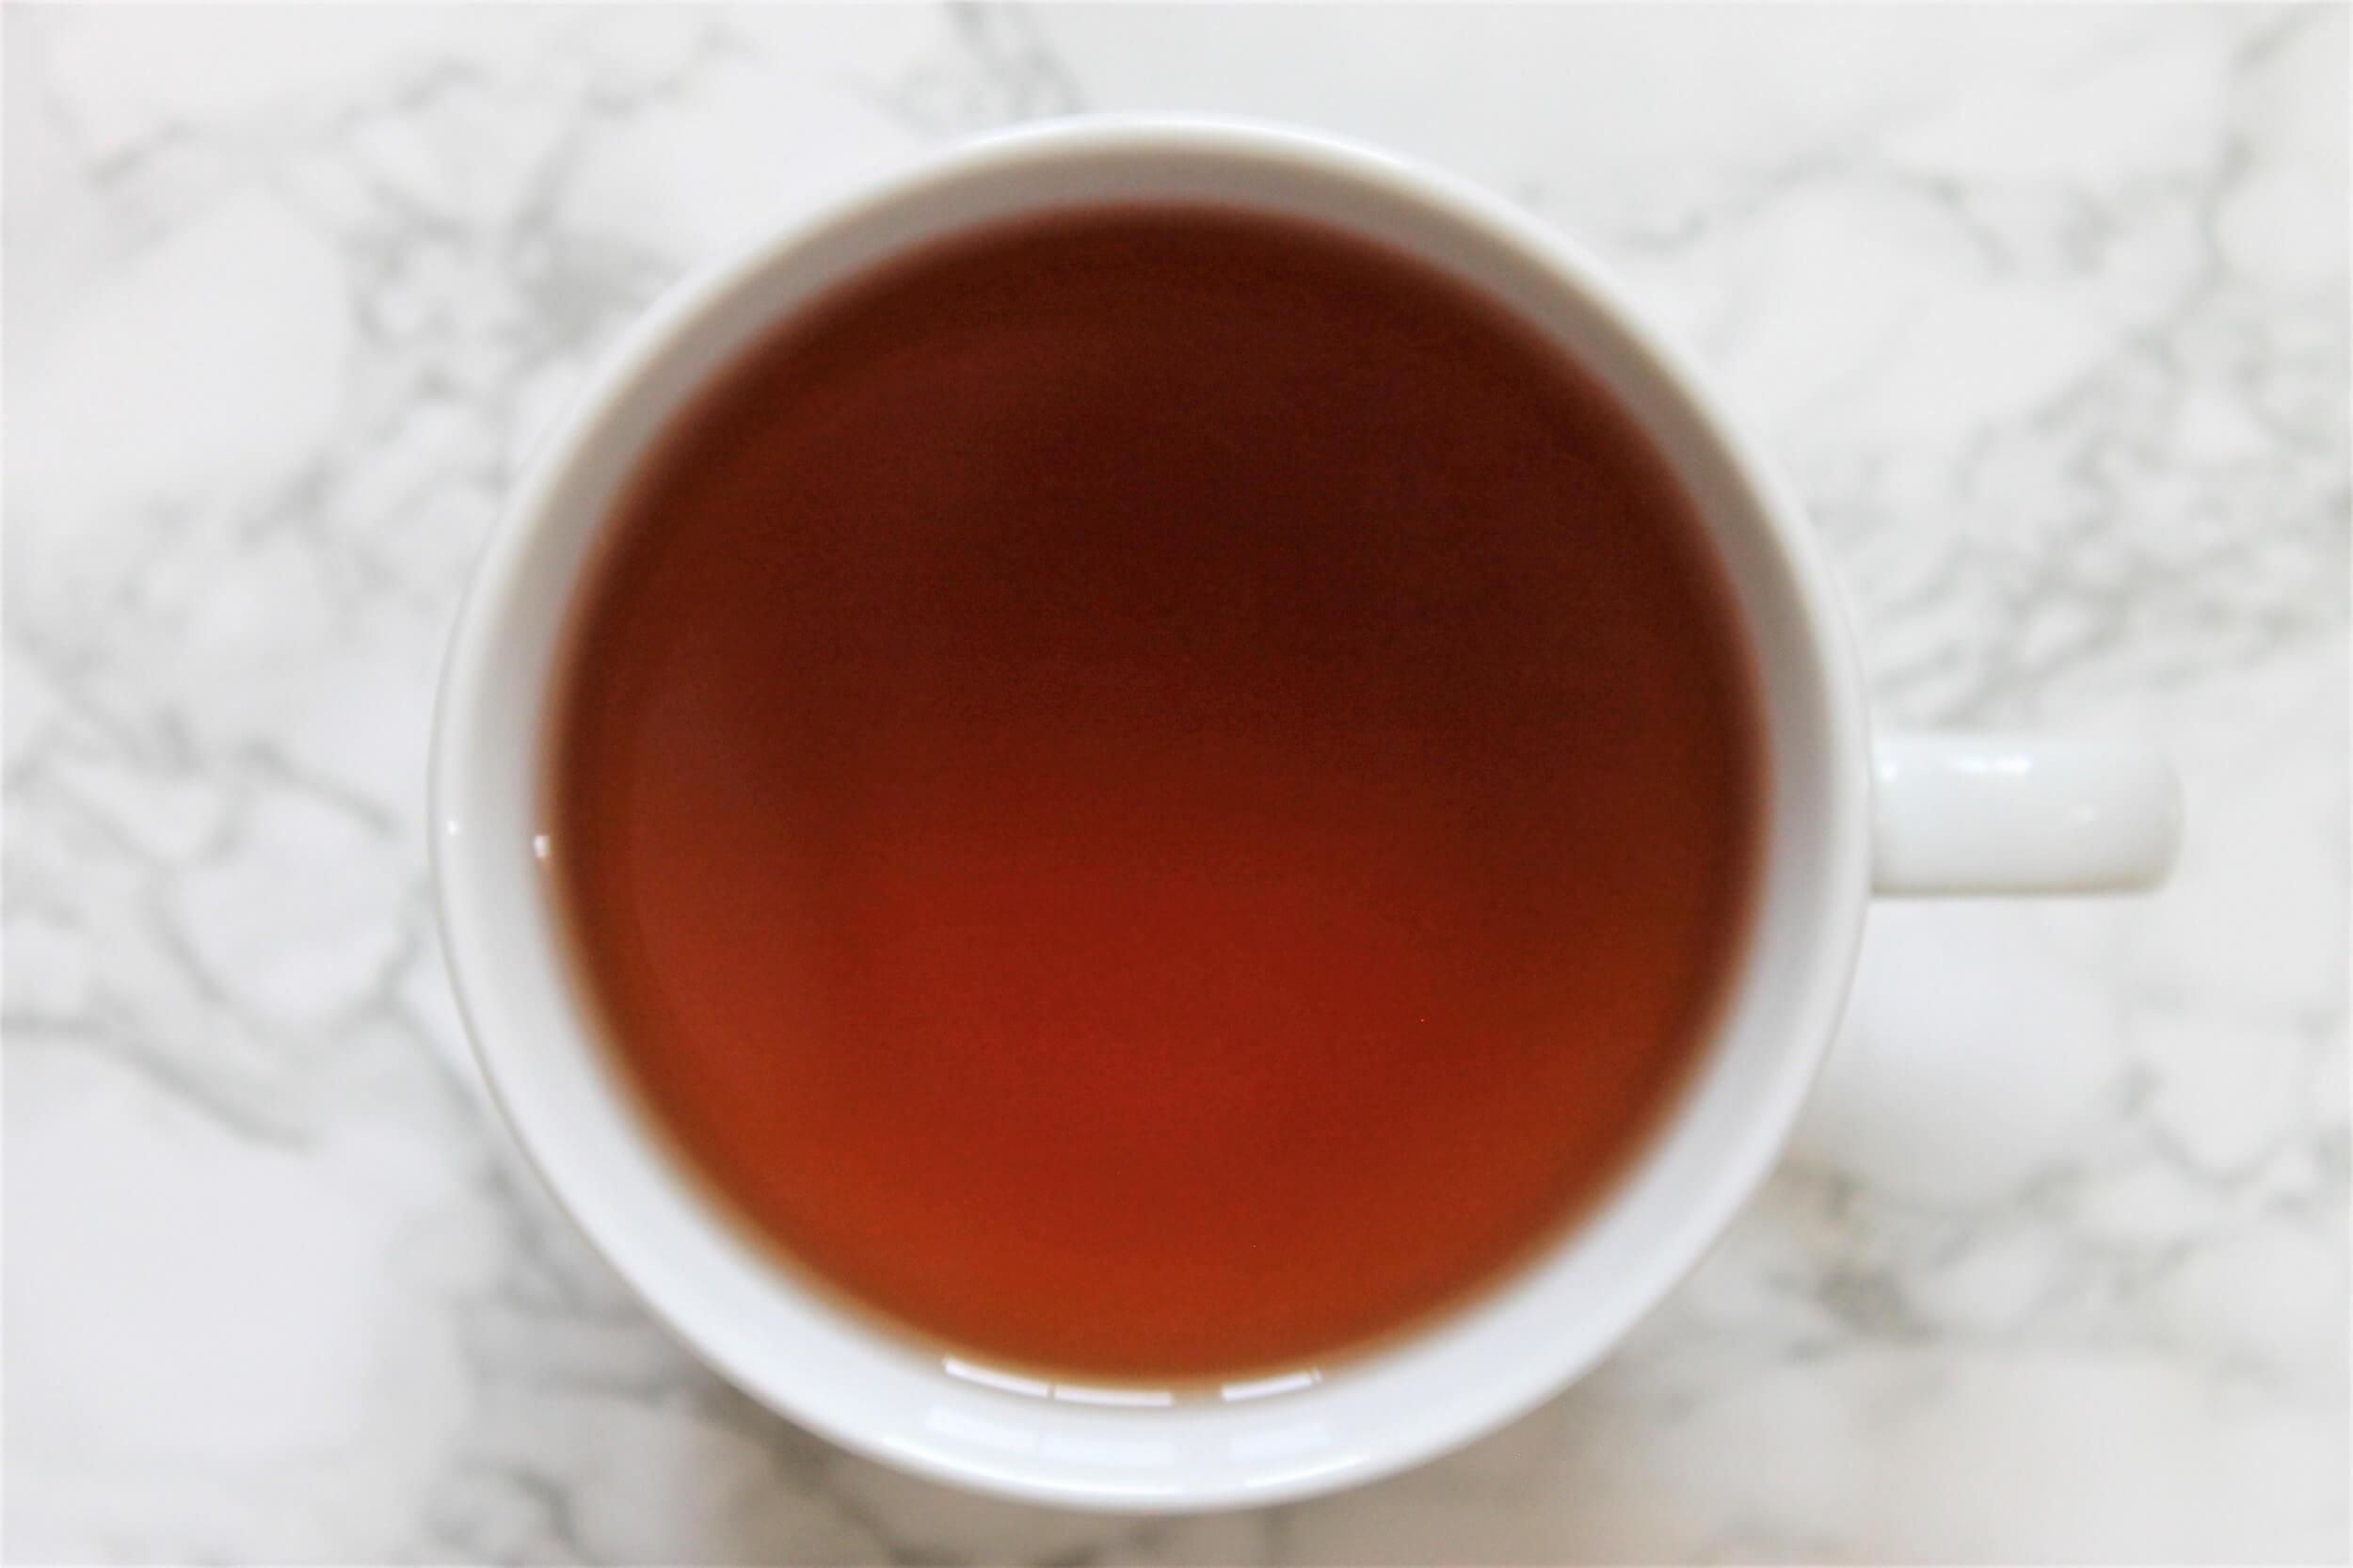 teekanne orange tea